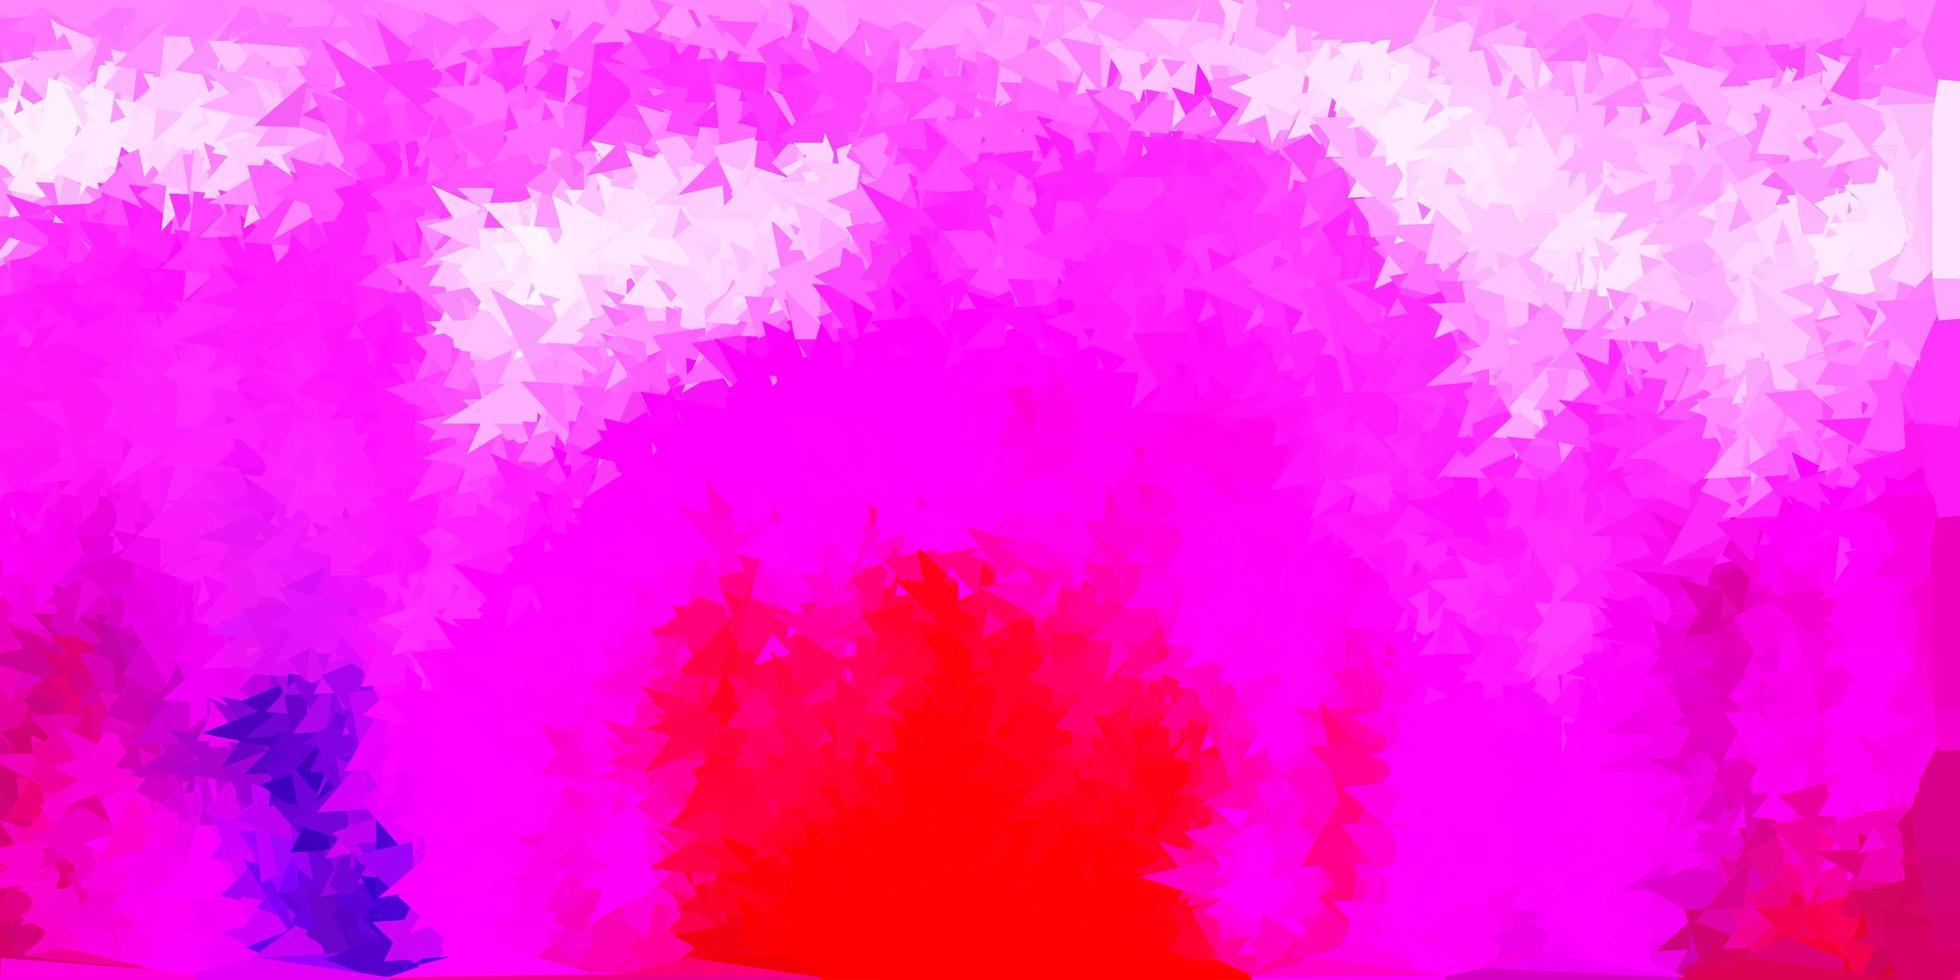 luz roxa, rosa desenho geométrico de vetor poligonal.